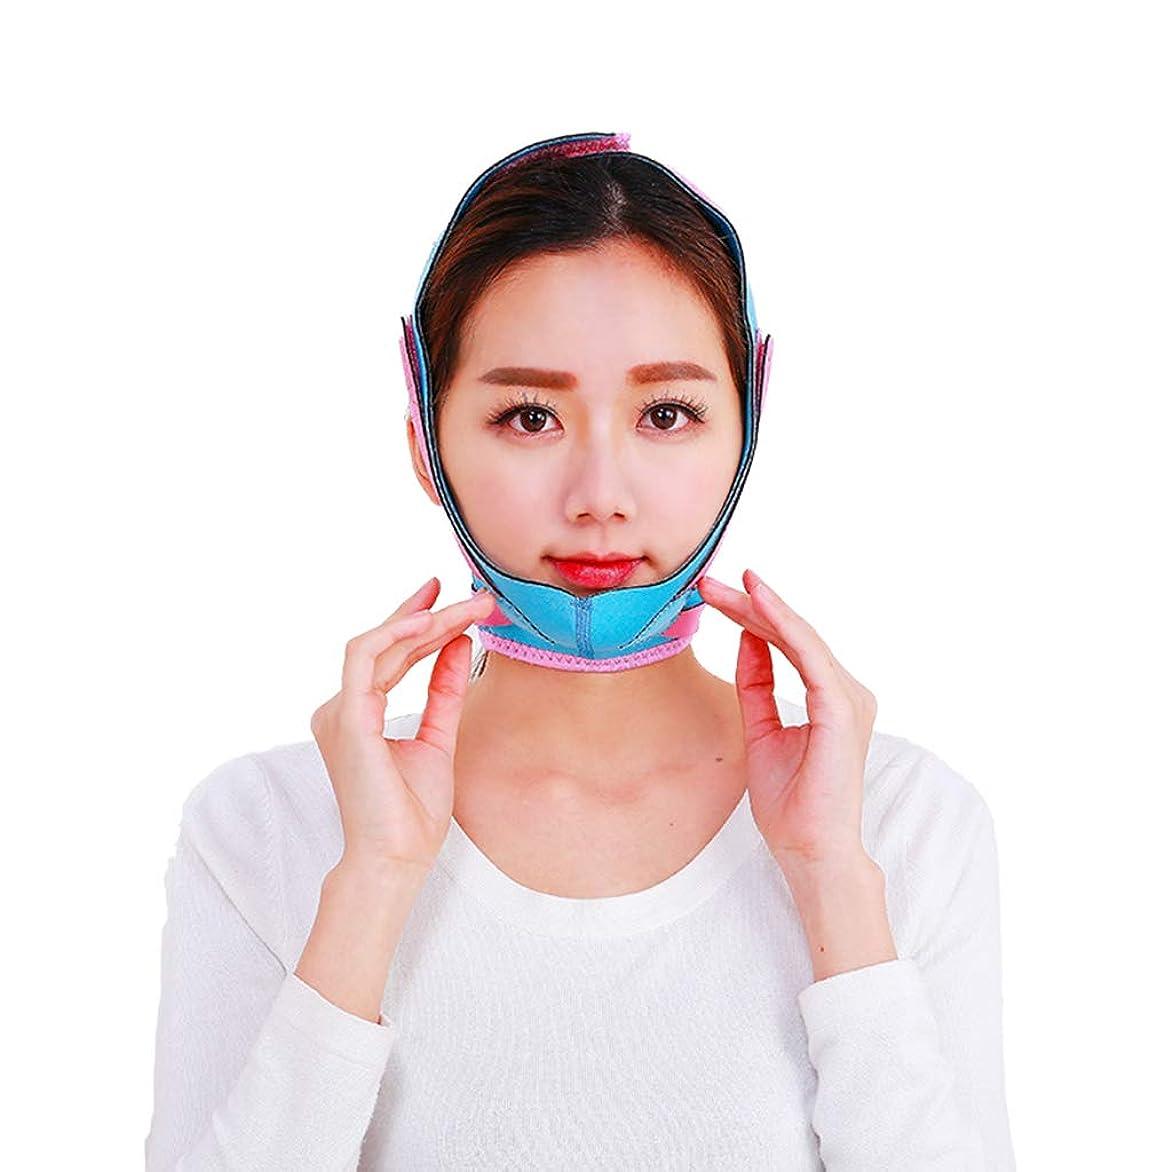 喜び王子和らげる顔-リフティングマスクは、たるみの筋肉や引き締まった肌の弾力性を和らげるために輪郭を強化する V フェイス包帯